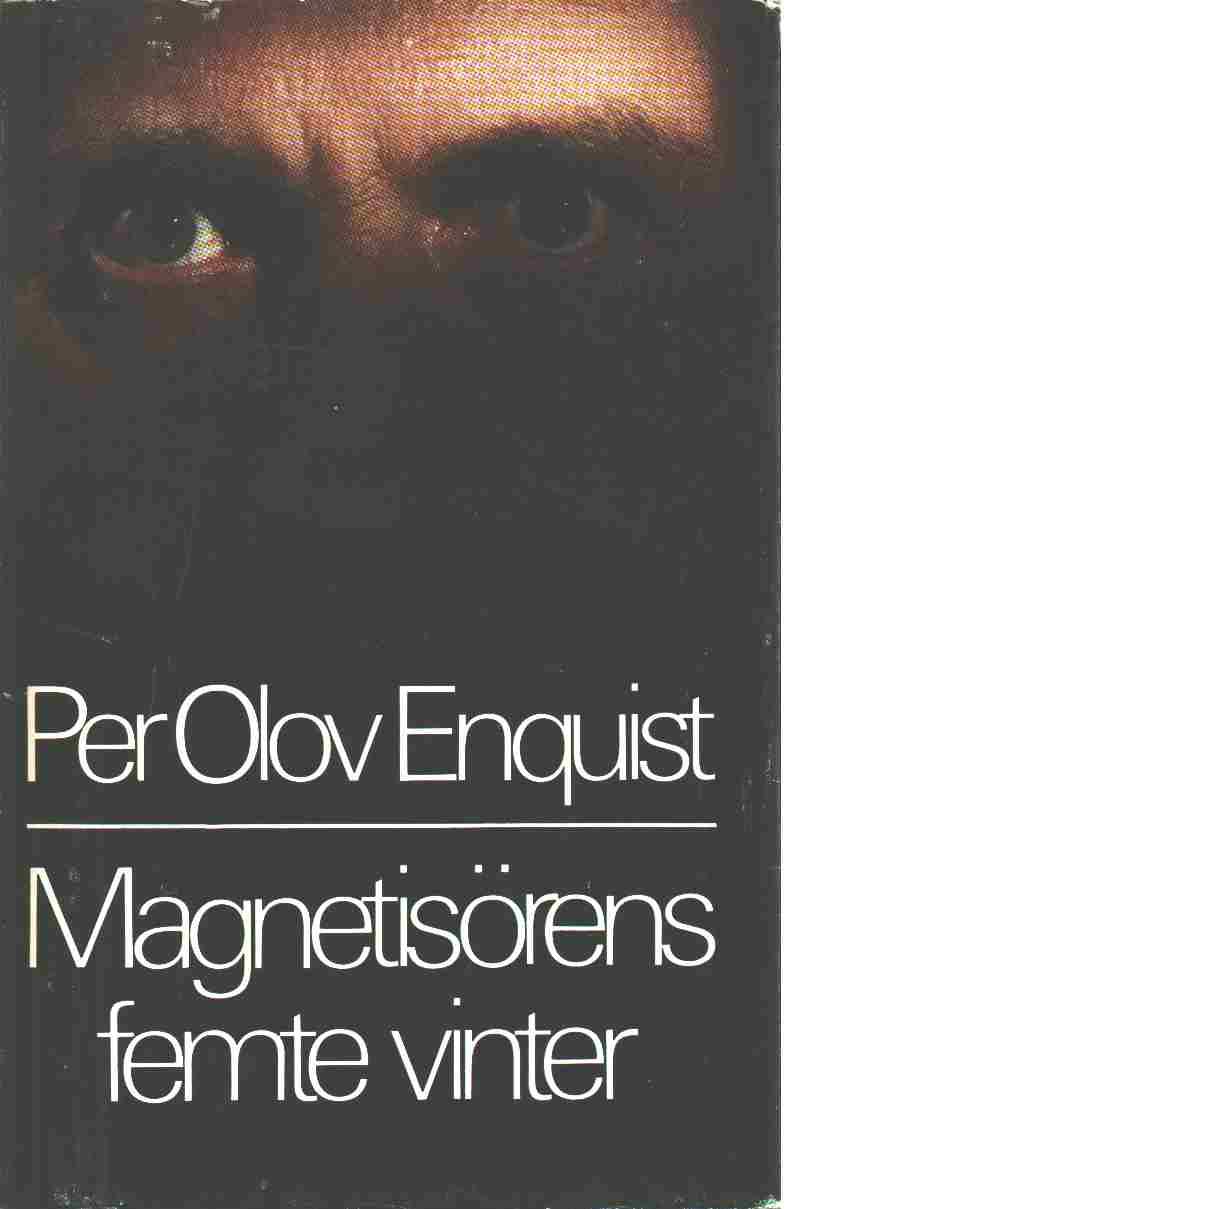 Magnetisörens femte vinter - Enquist, P. O.